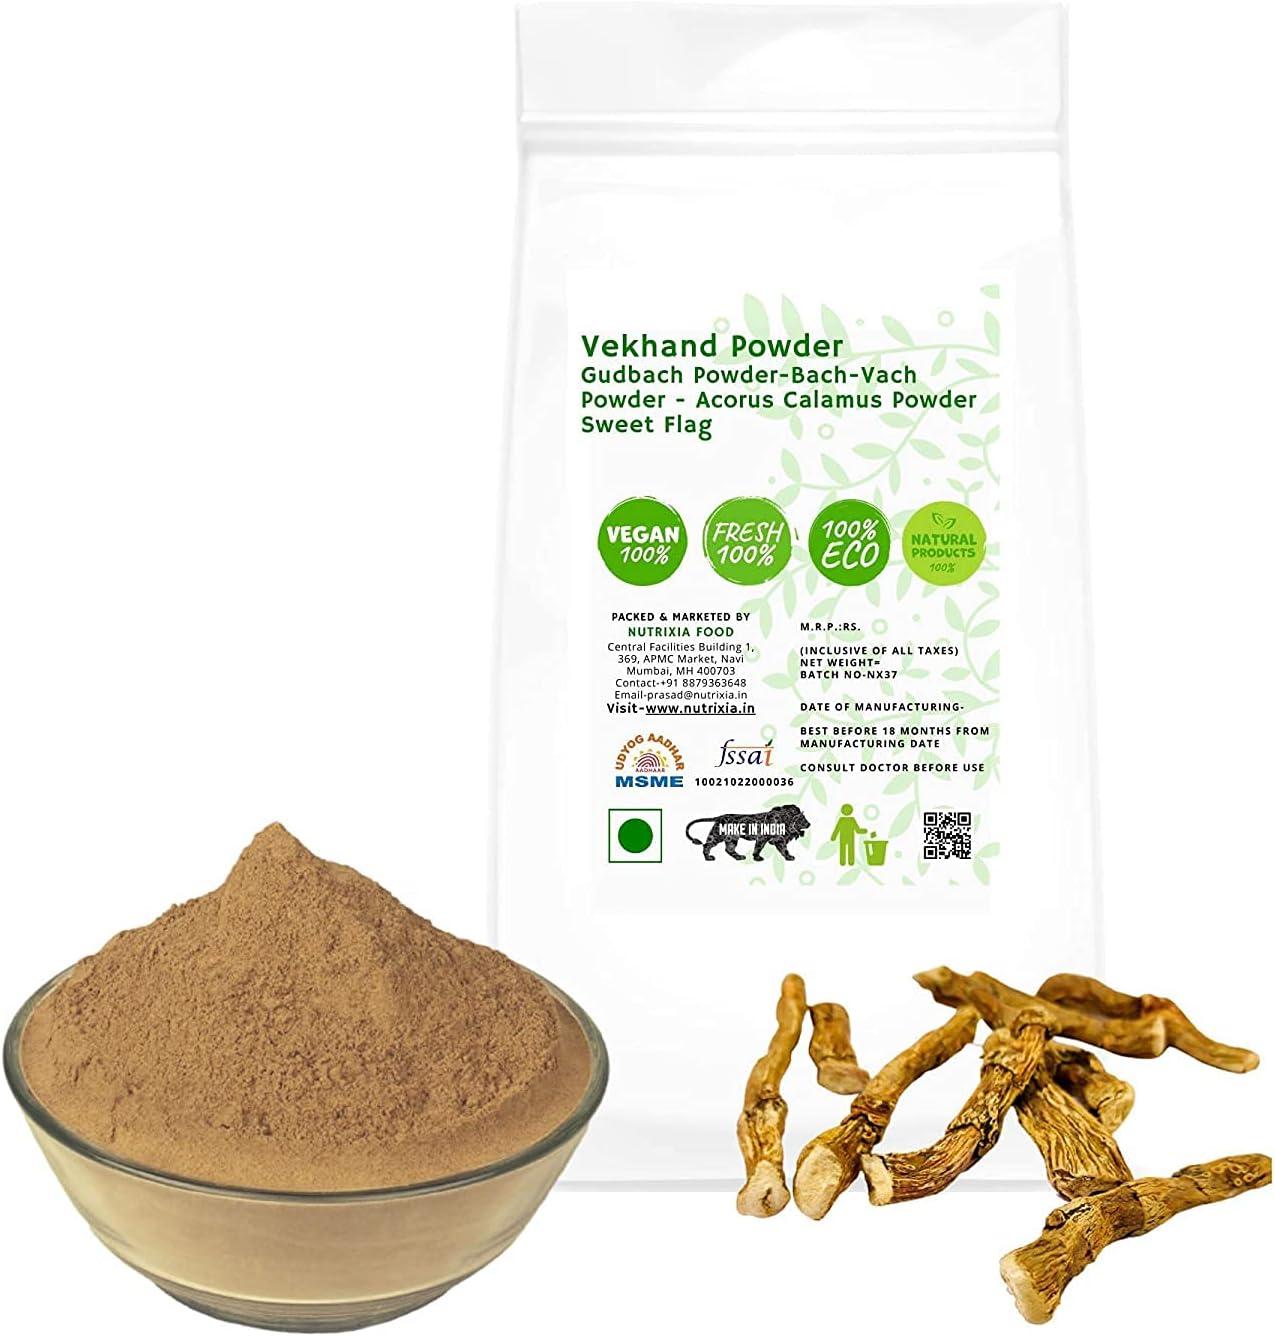 Marbella High quality new Vekhand Powder -Gudbach Max 77% OFF Powder-Bach Vach - Aco